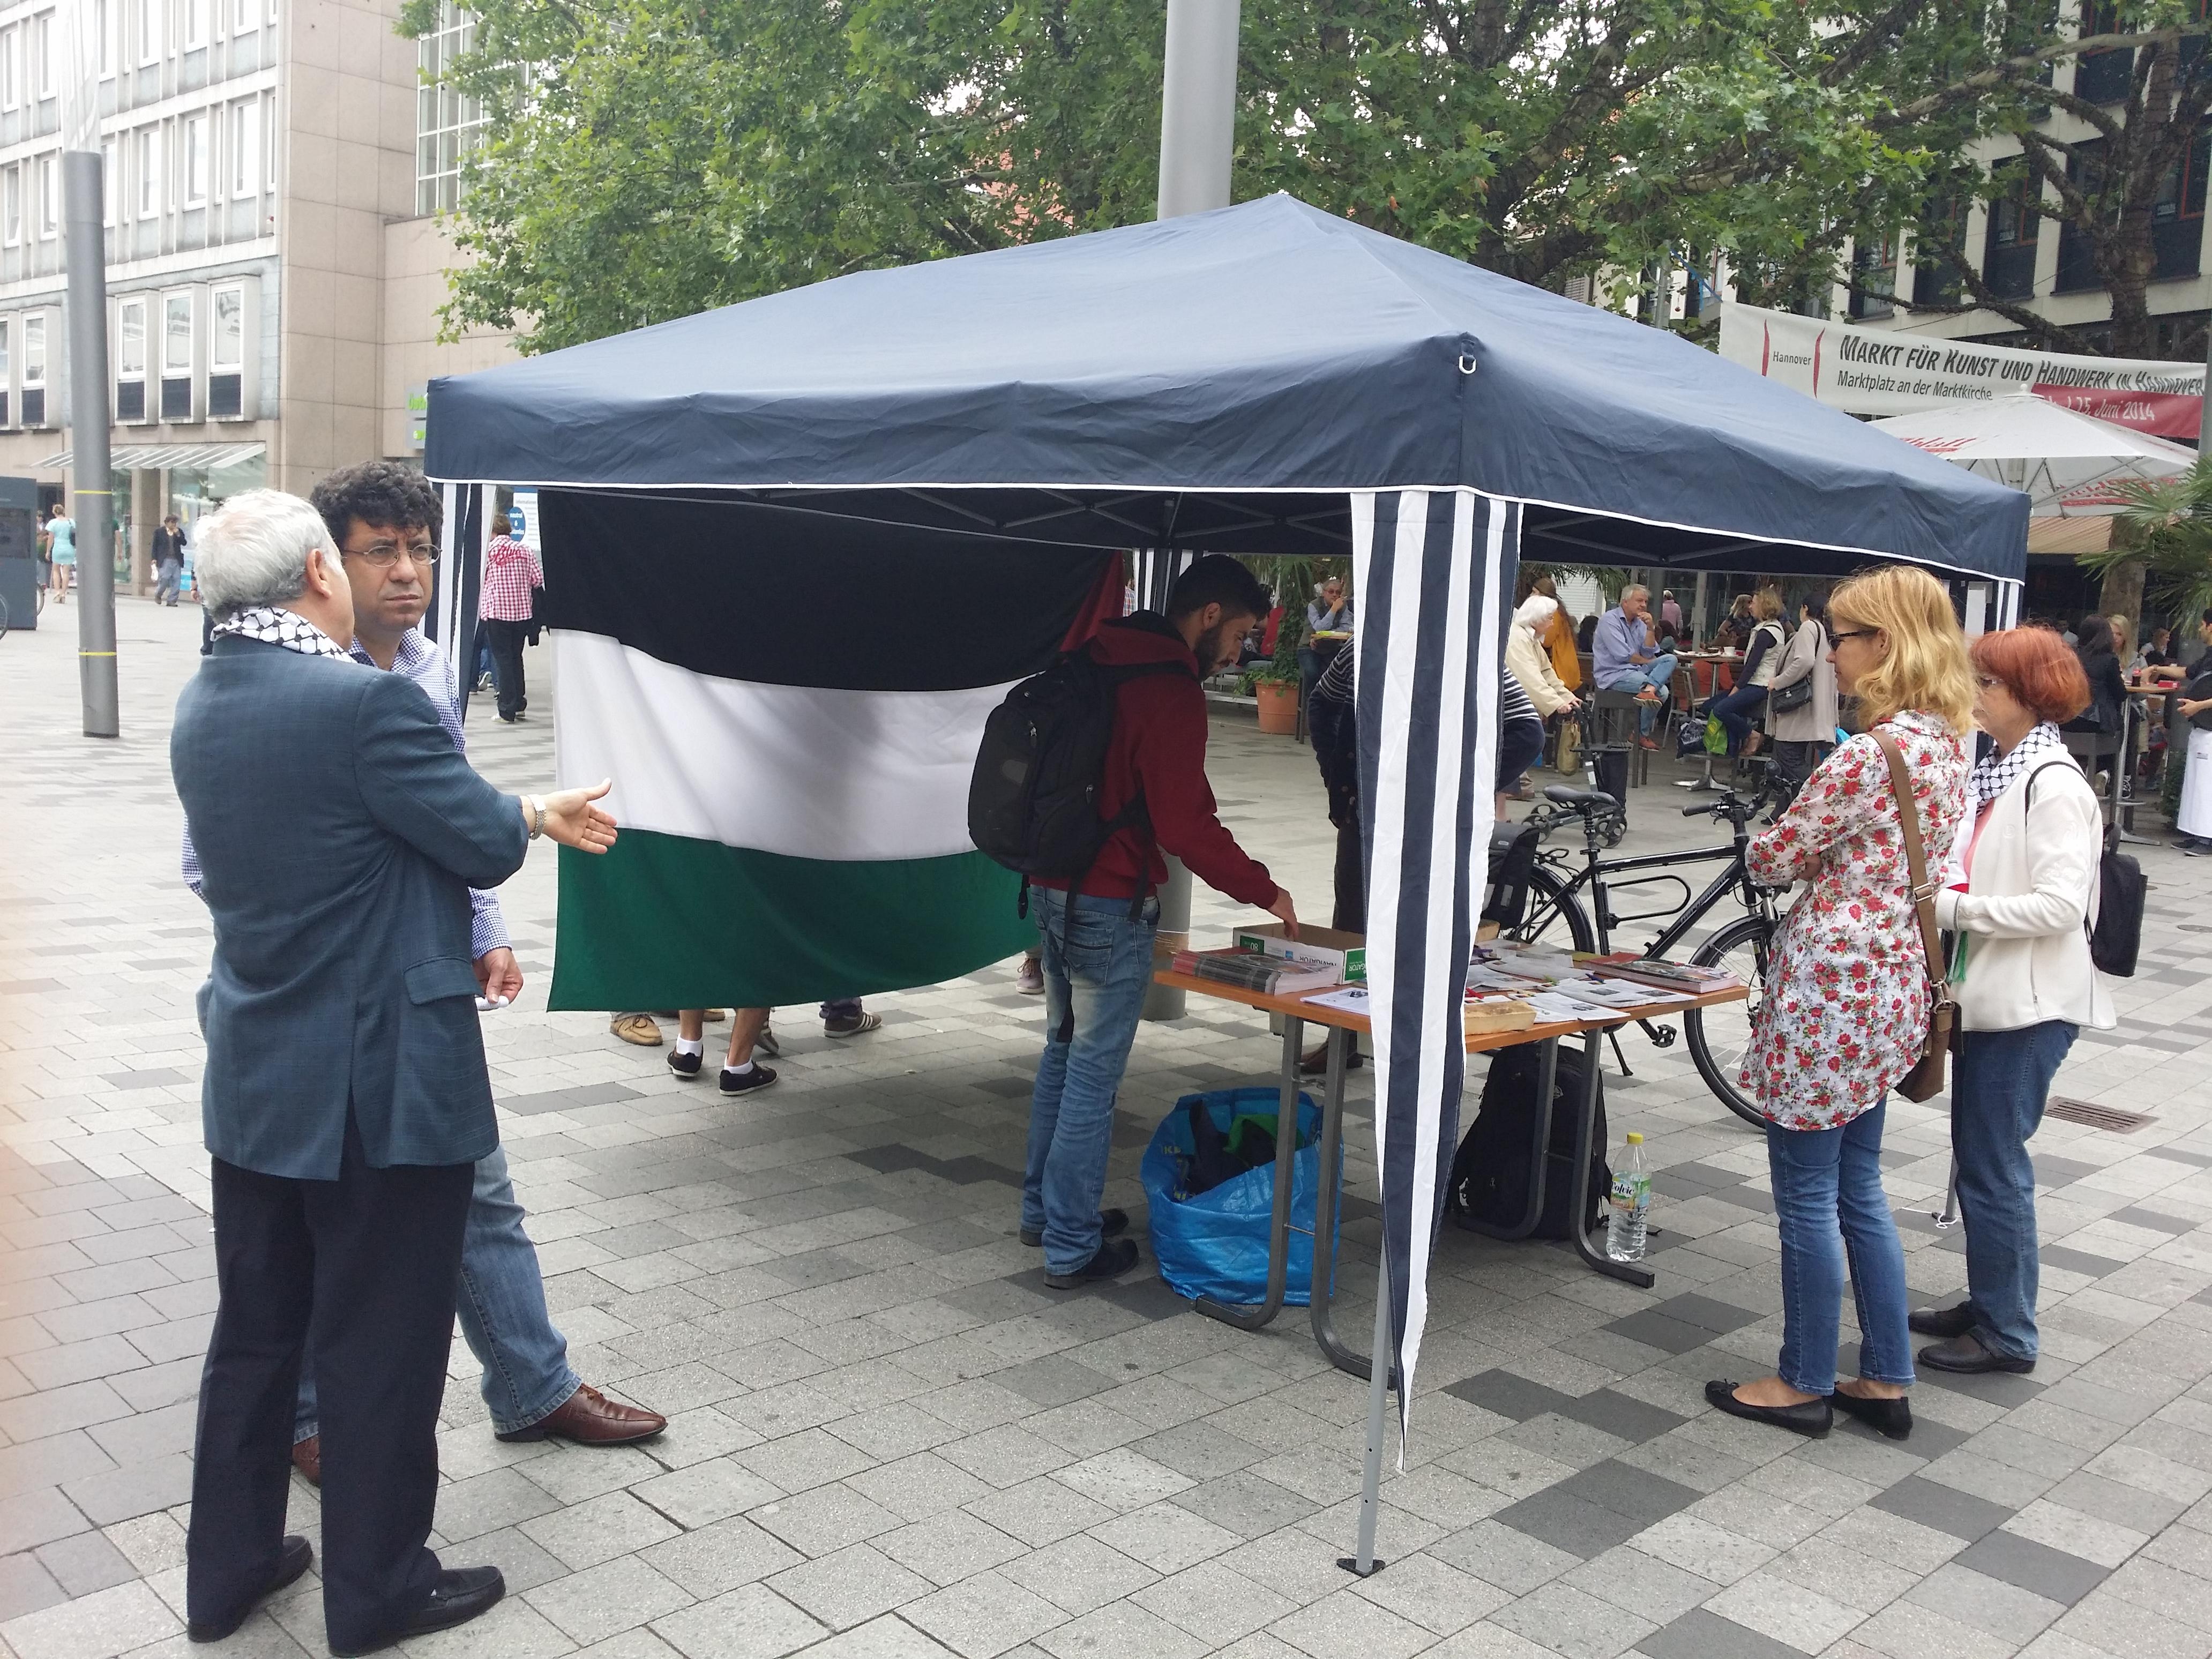 وقفة تضامنية مع الشعب الفلسطيني في وسط مدينة هانوفر